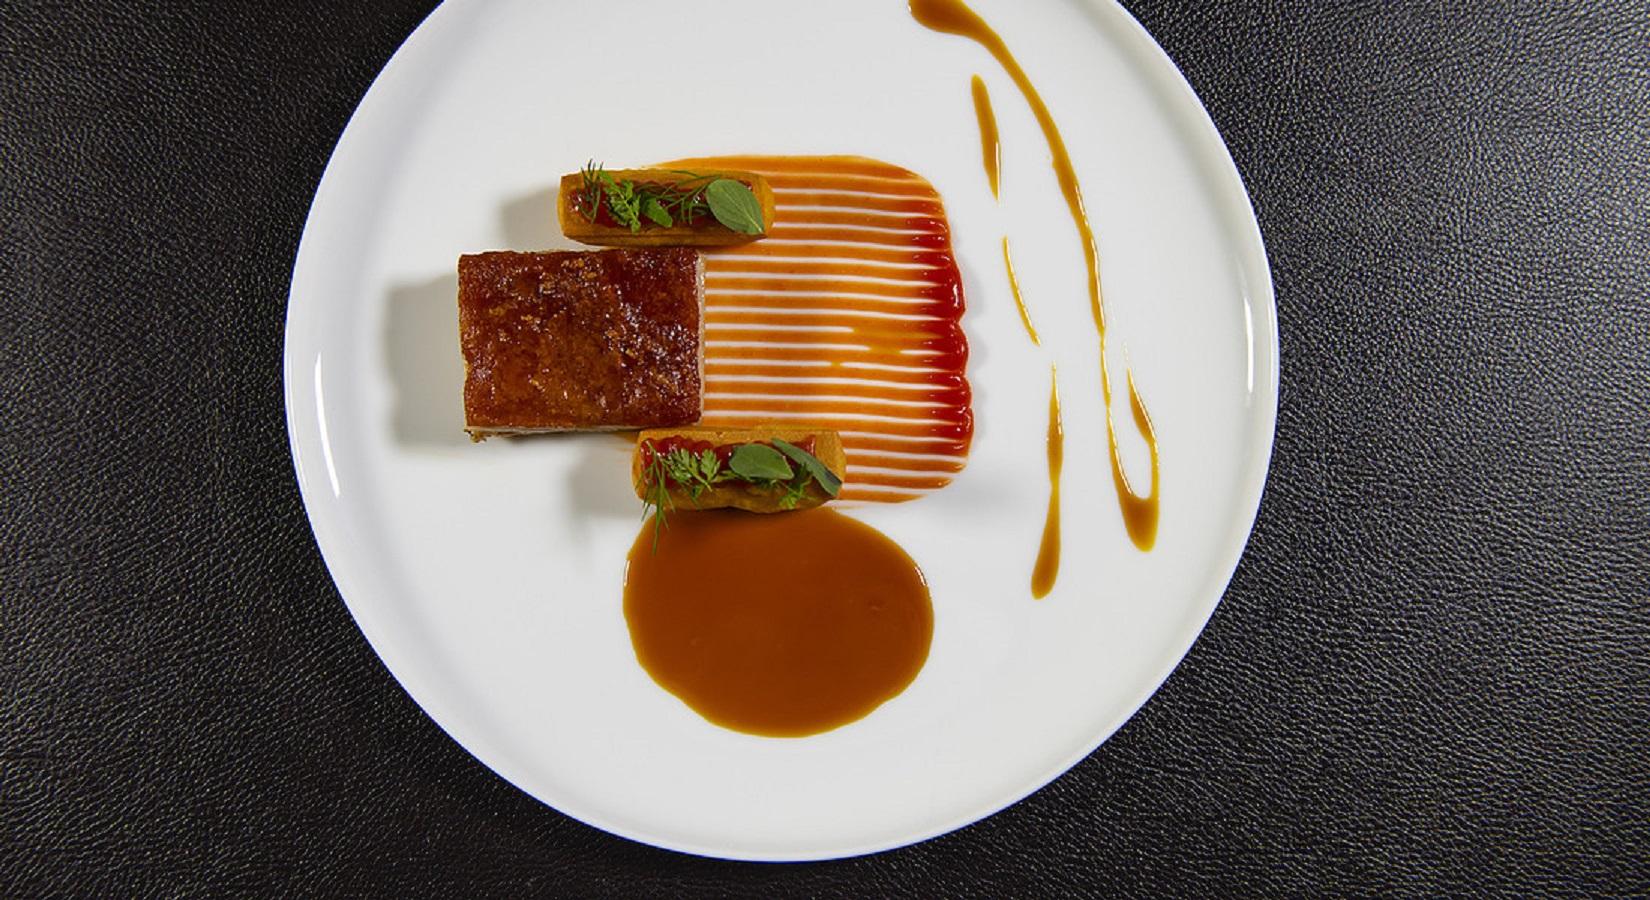 dimagrire-salse-senape-ketchup